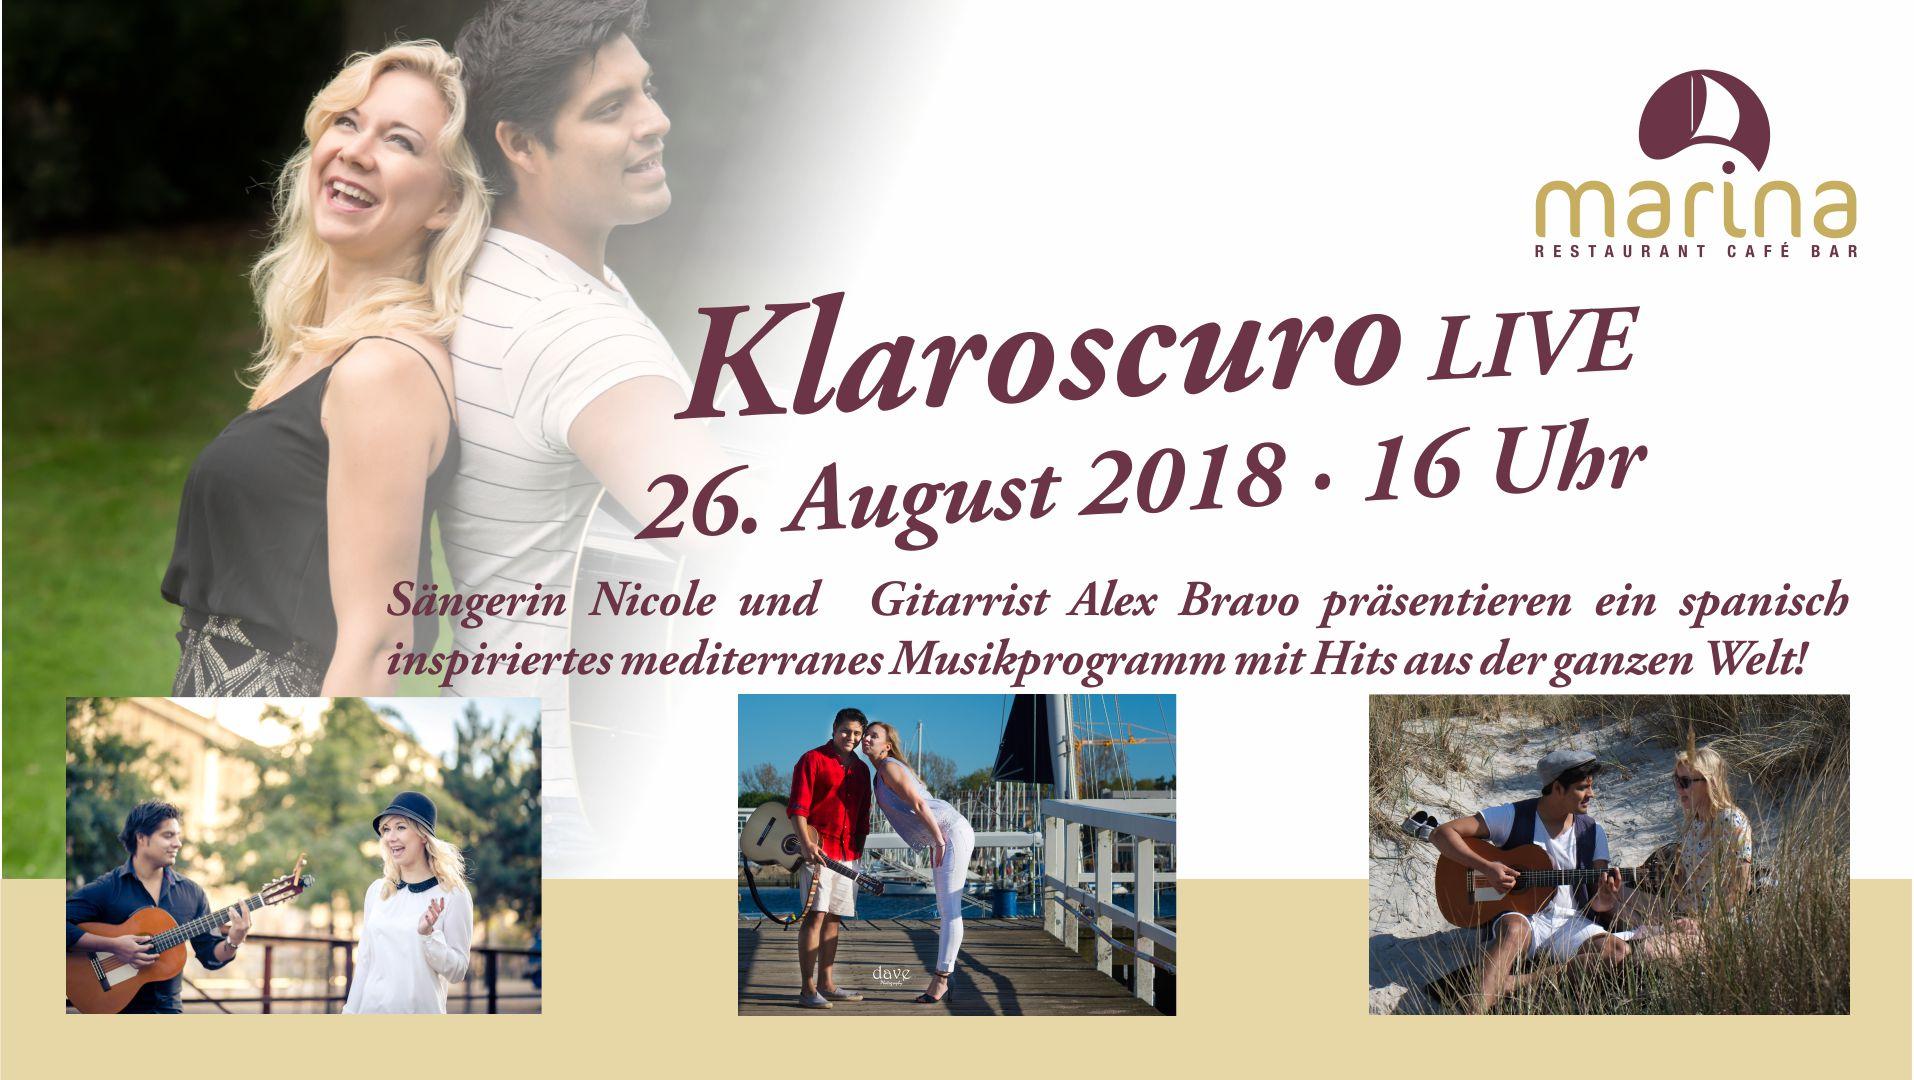 Klaroscuro kommen am 26. August 2018 um 16 Uhr!